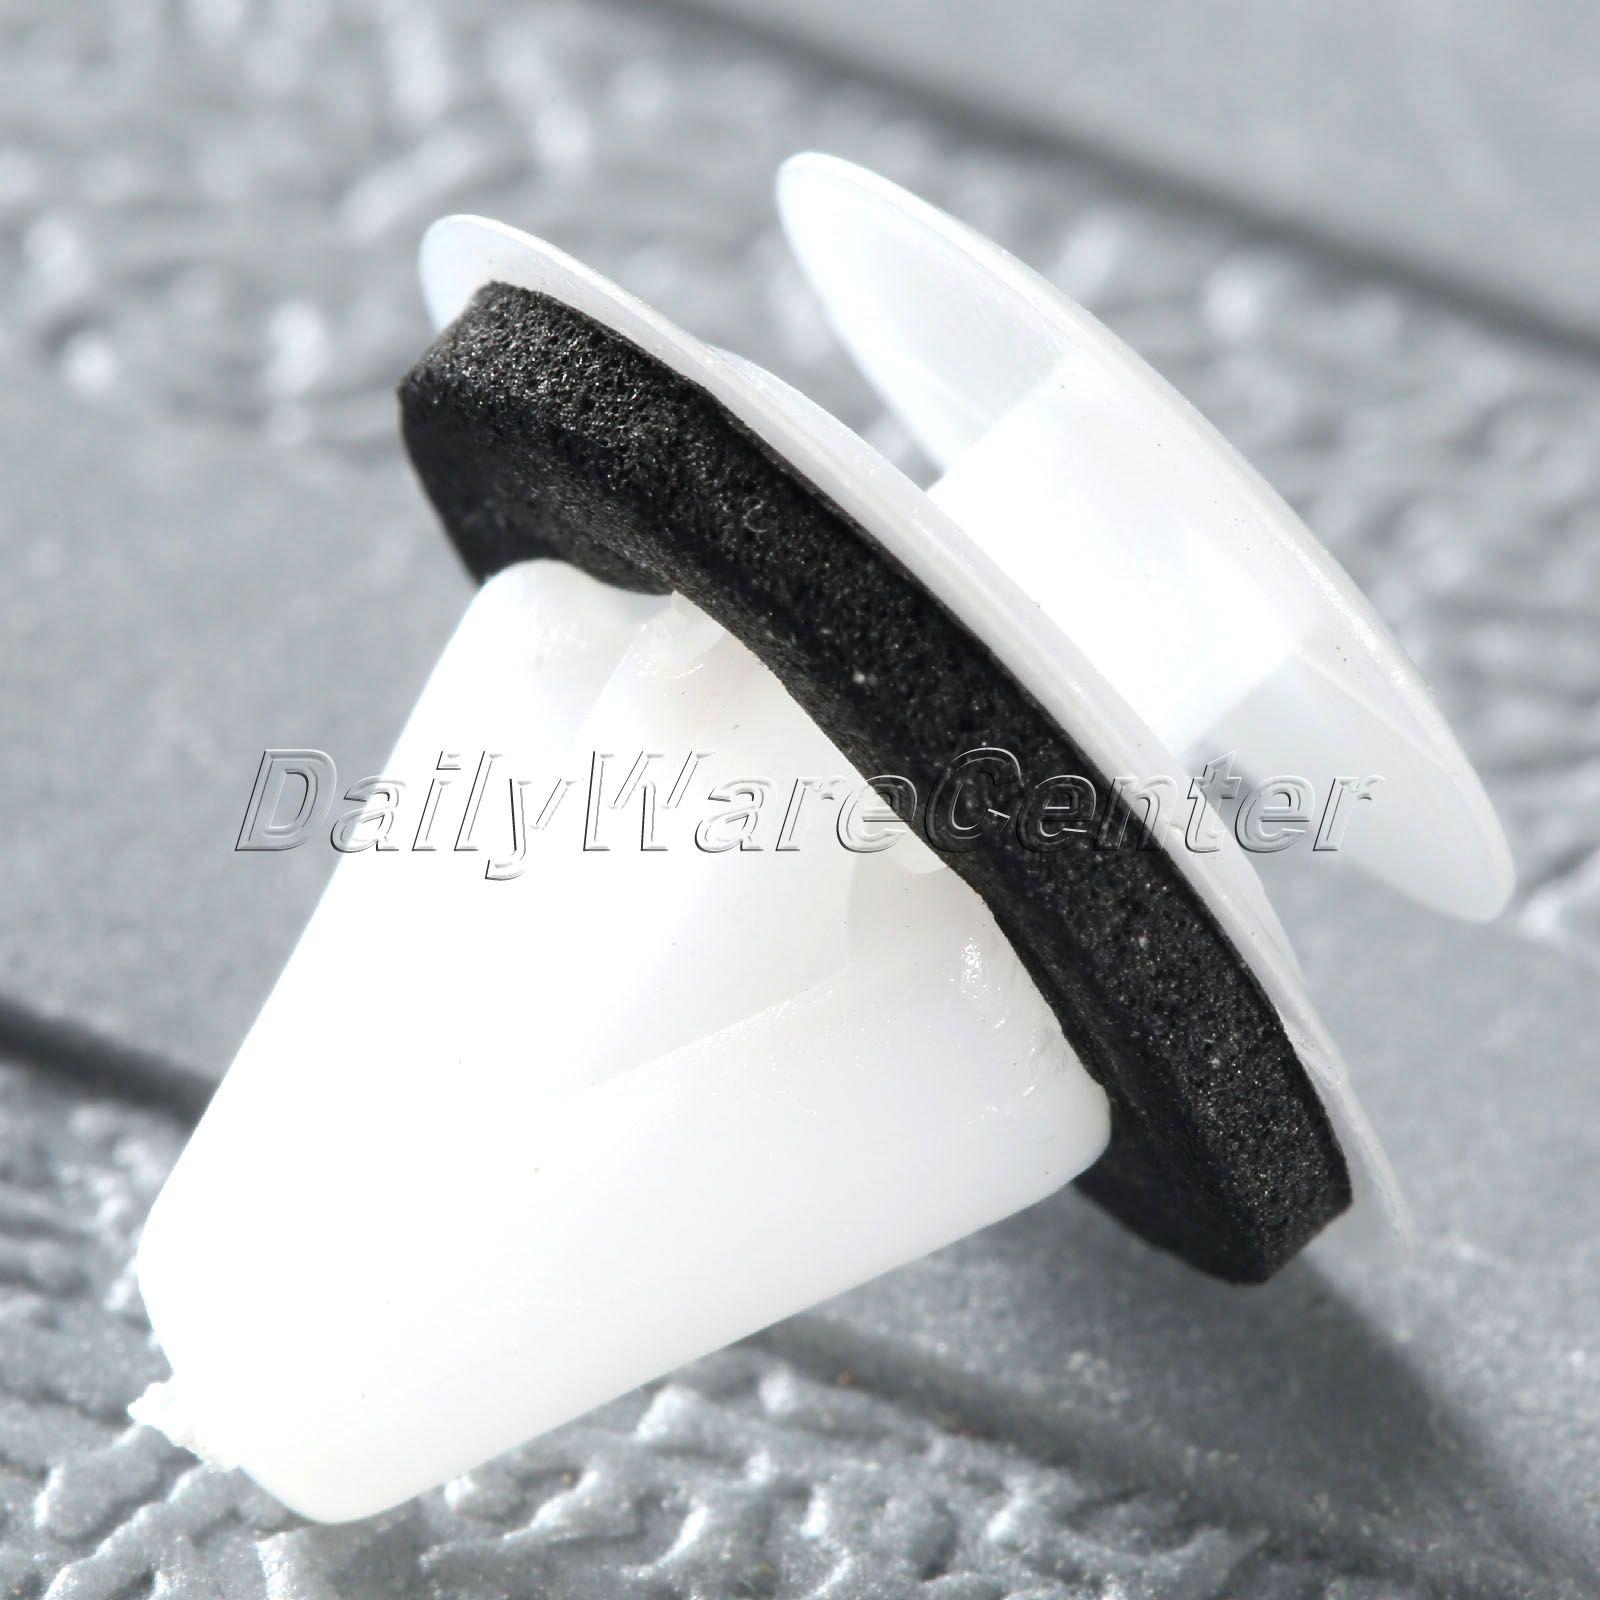 50X автокөлік қаптаушы бүйірлік бампер - Автокөліктің ішкі керек-жарақтары - фото 5